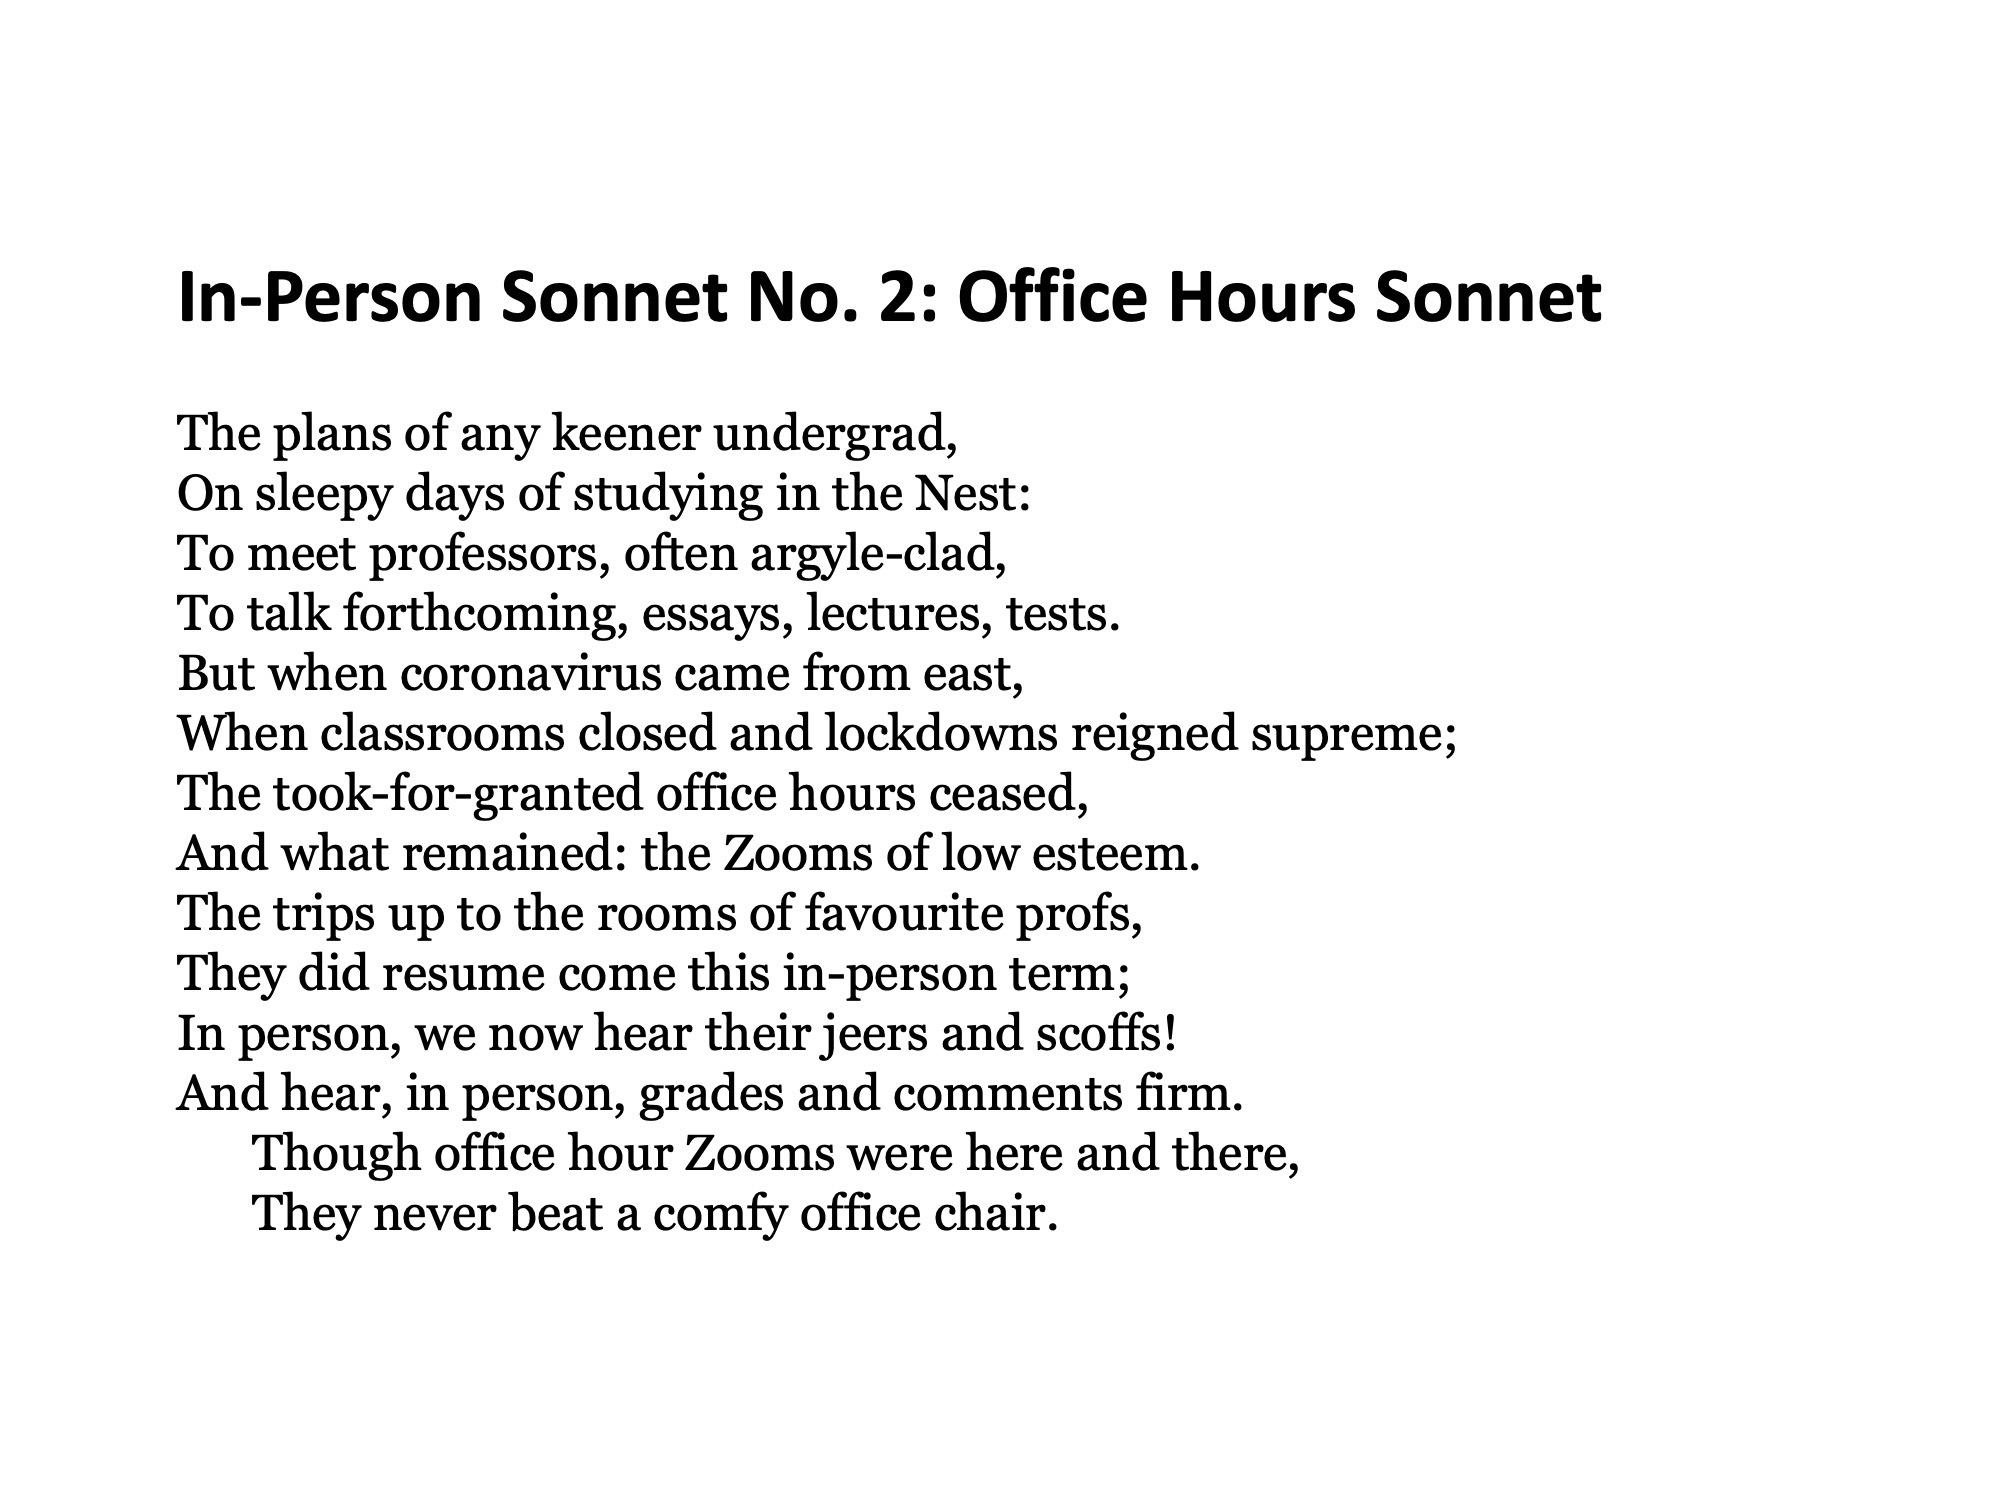 Sonnet 2.